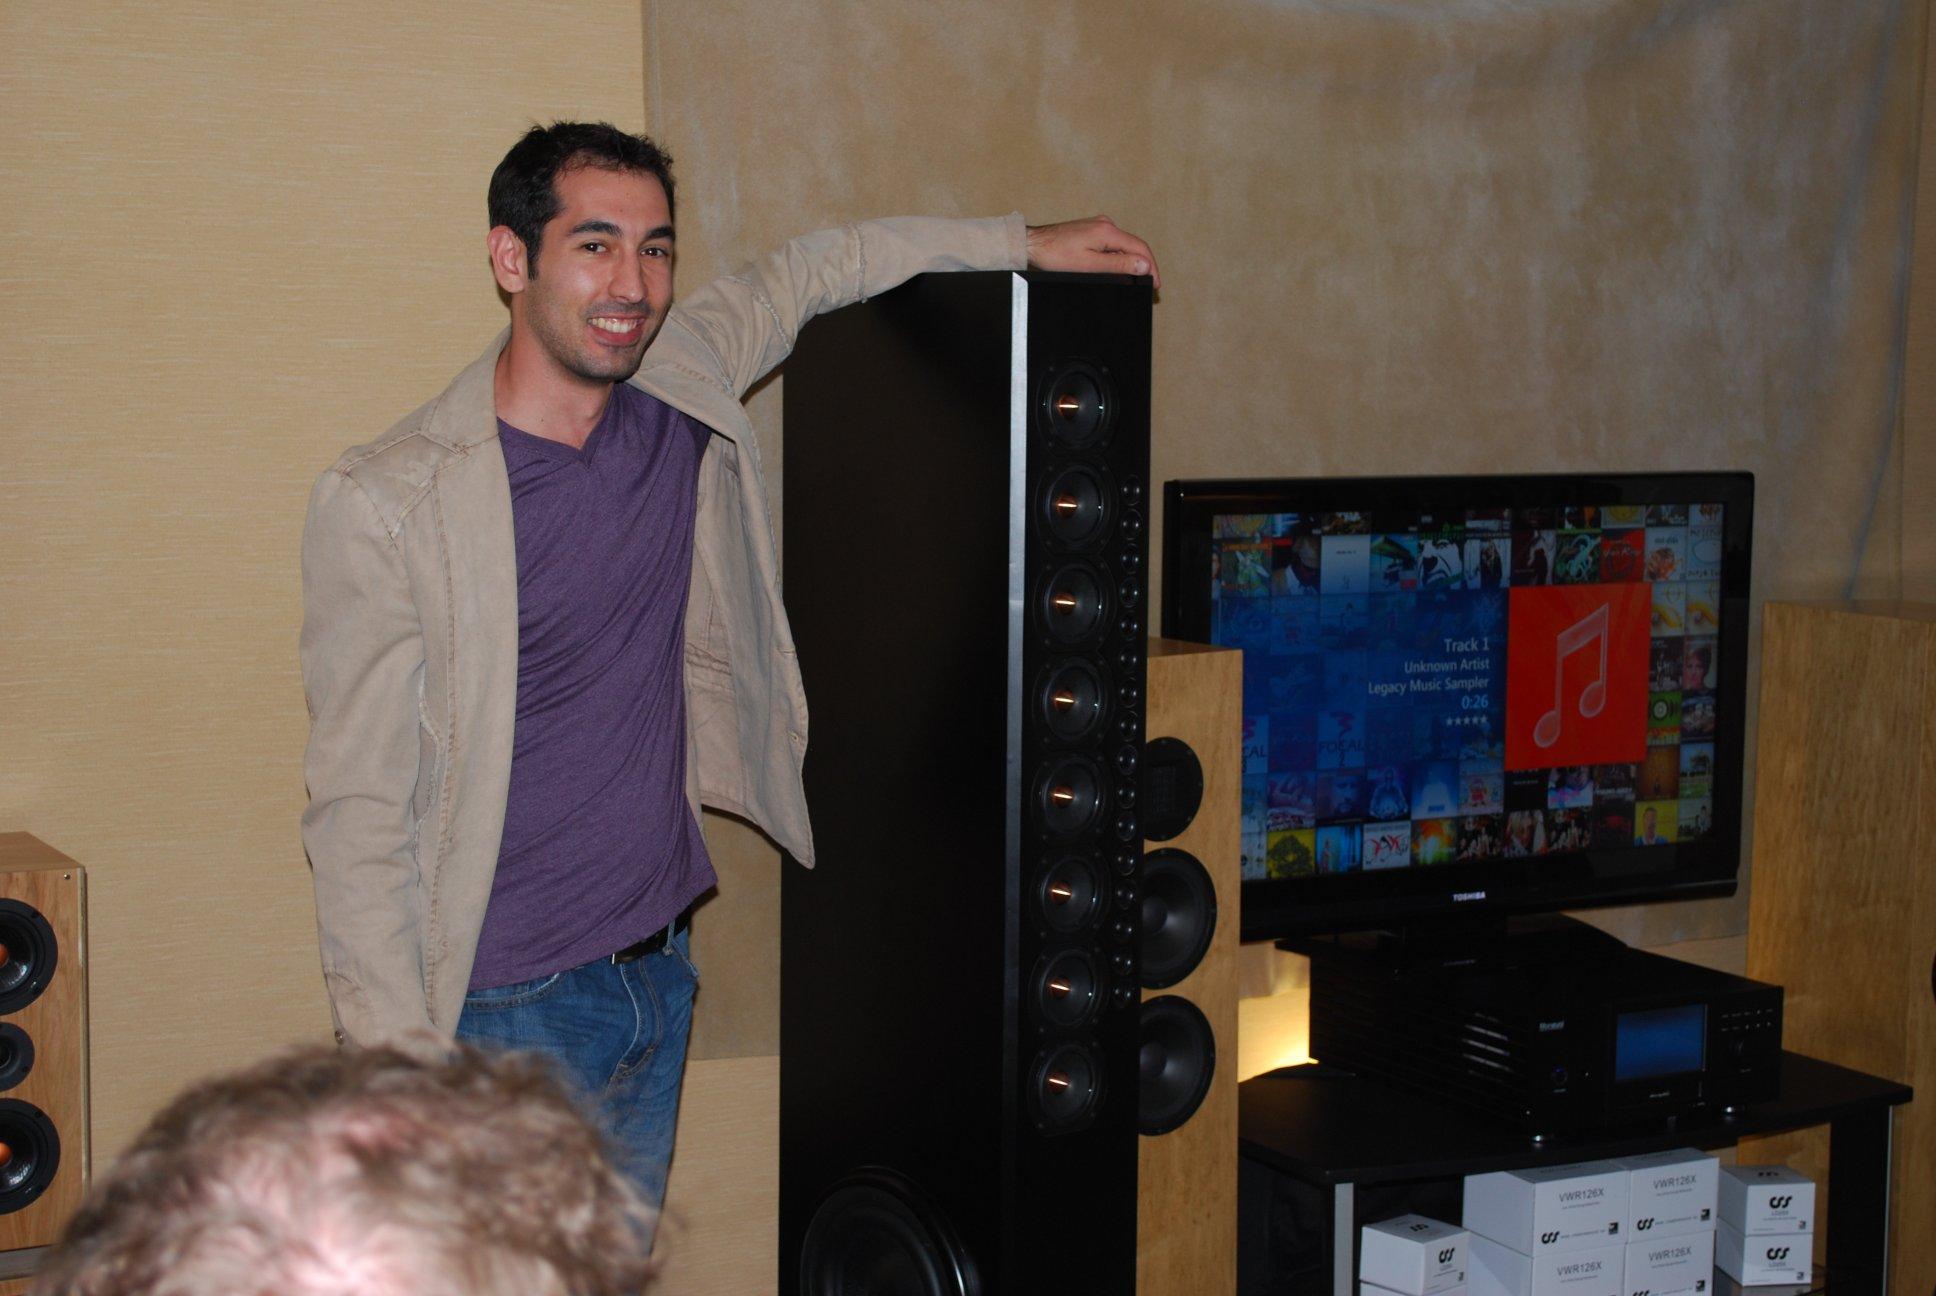 http://lonestaraudiofest.com/2012/Photos/DSC_0025.JPG